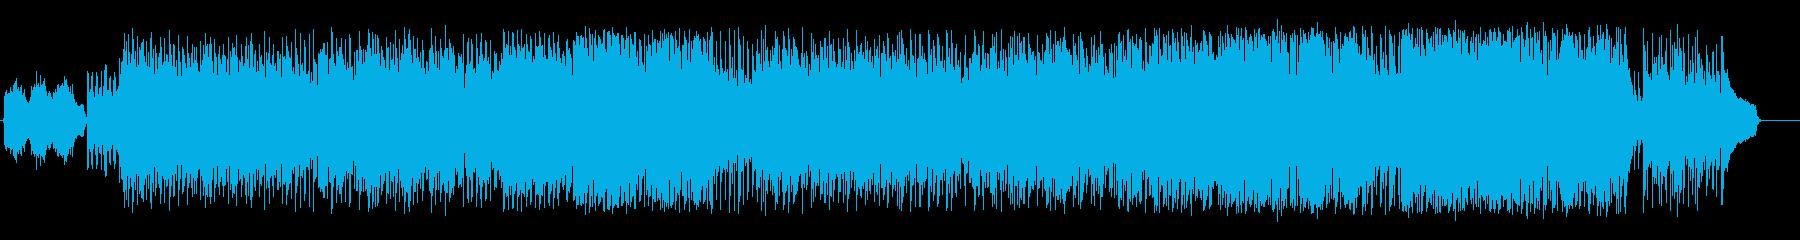 哀愁味を帯びた南米アンデス風サウンドの再生済みの波形